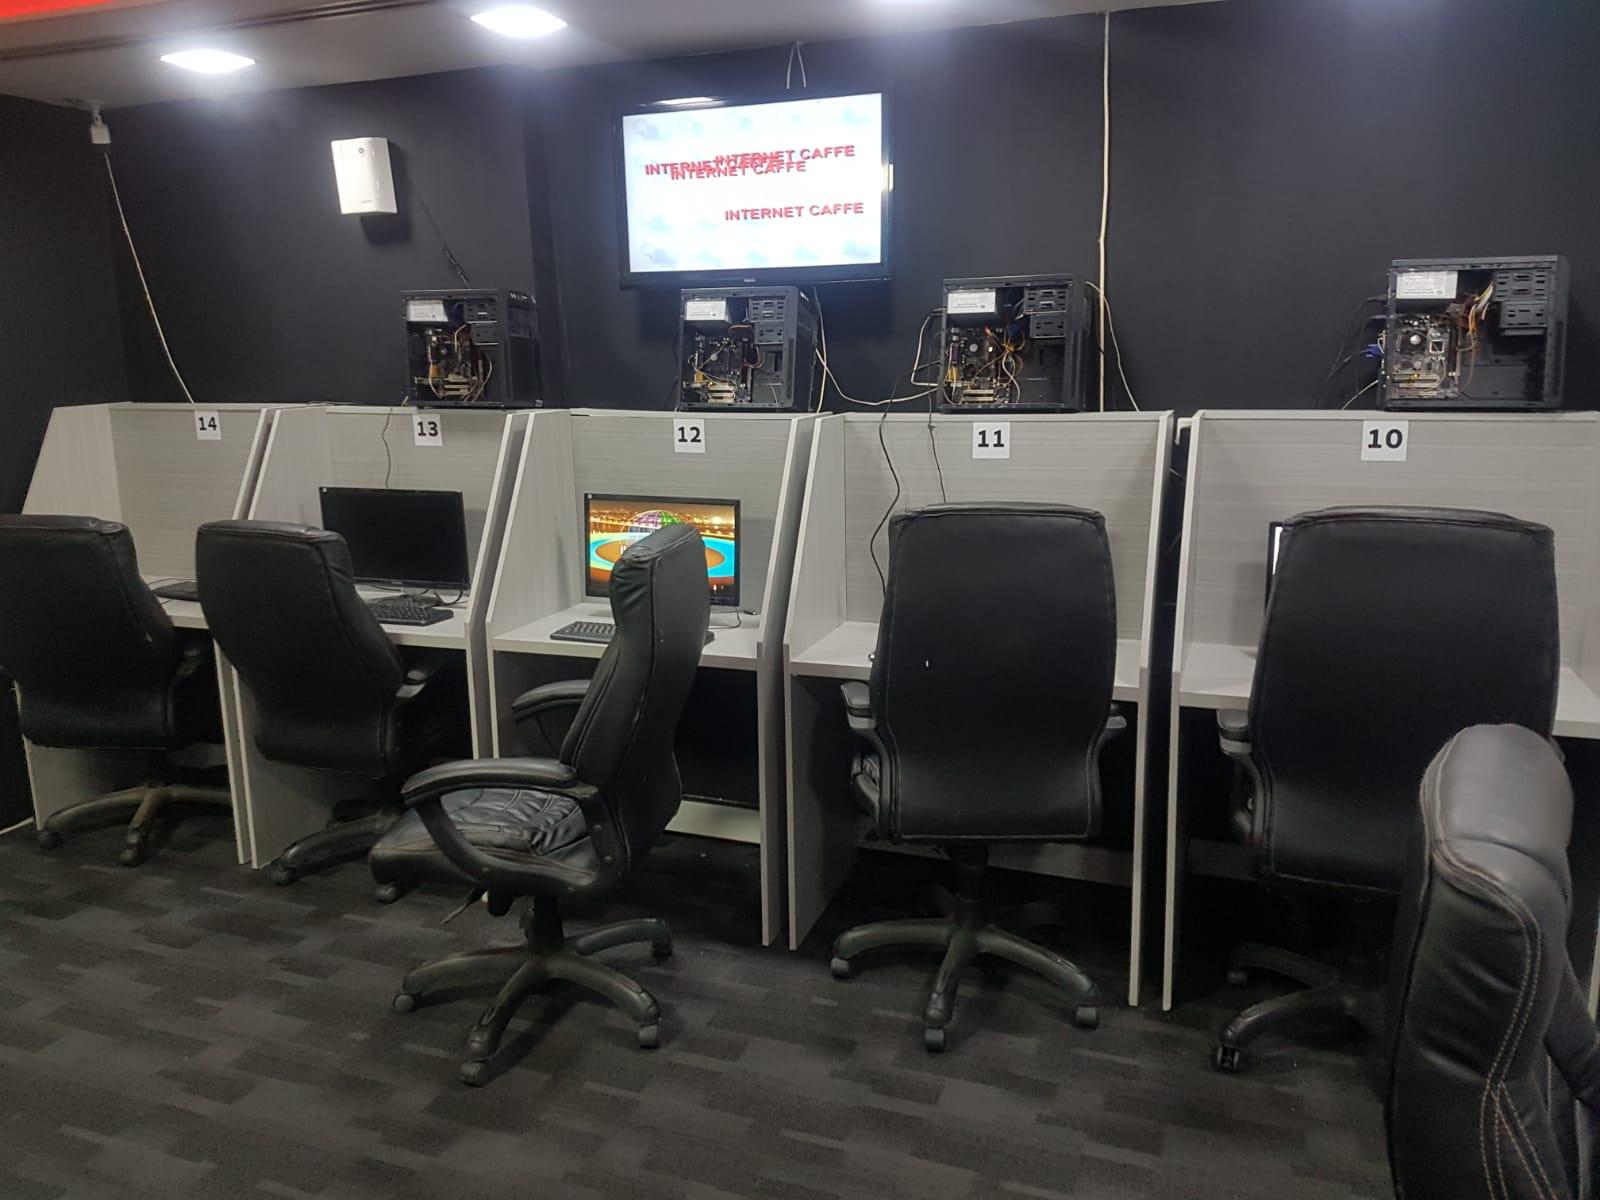 תיעוד: פשיטה משטרתית על מקום לניהול משחקי מזל אסורים בפתח תקווה